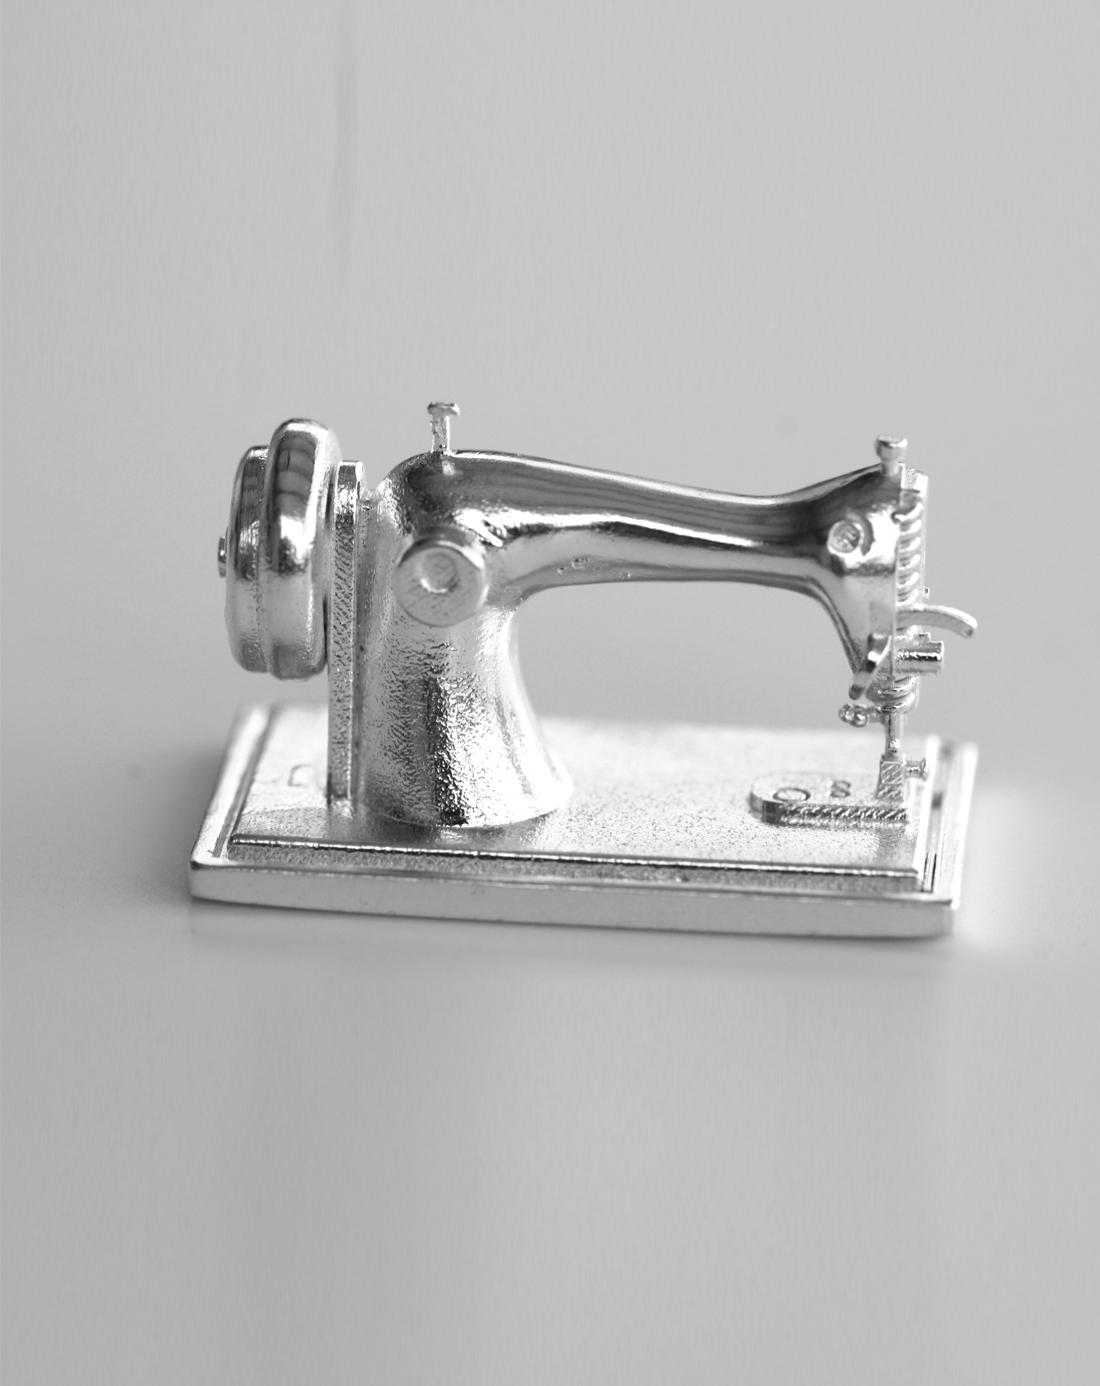 sewing machine 3d